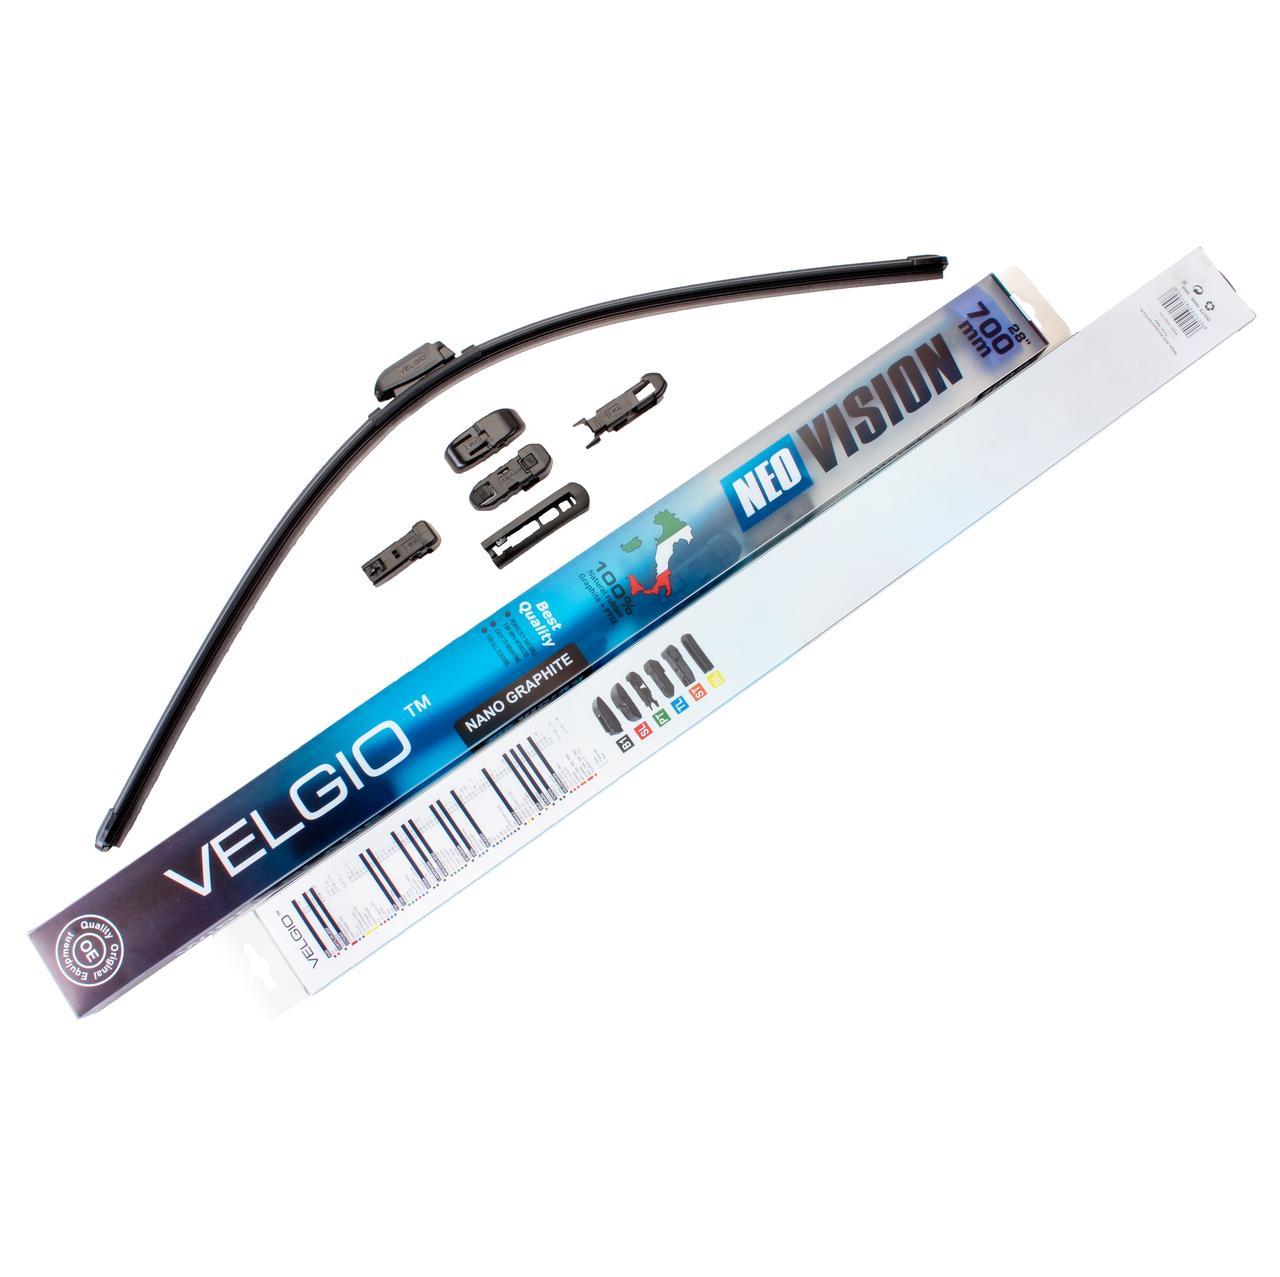 Дворники для авто Velgio Neo Vision 28in / 700мм